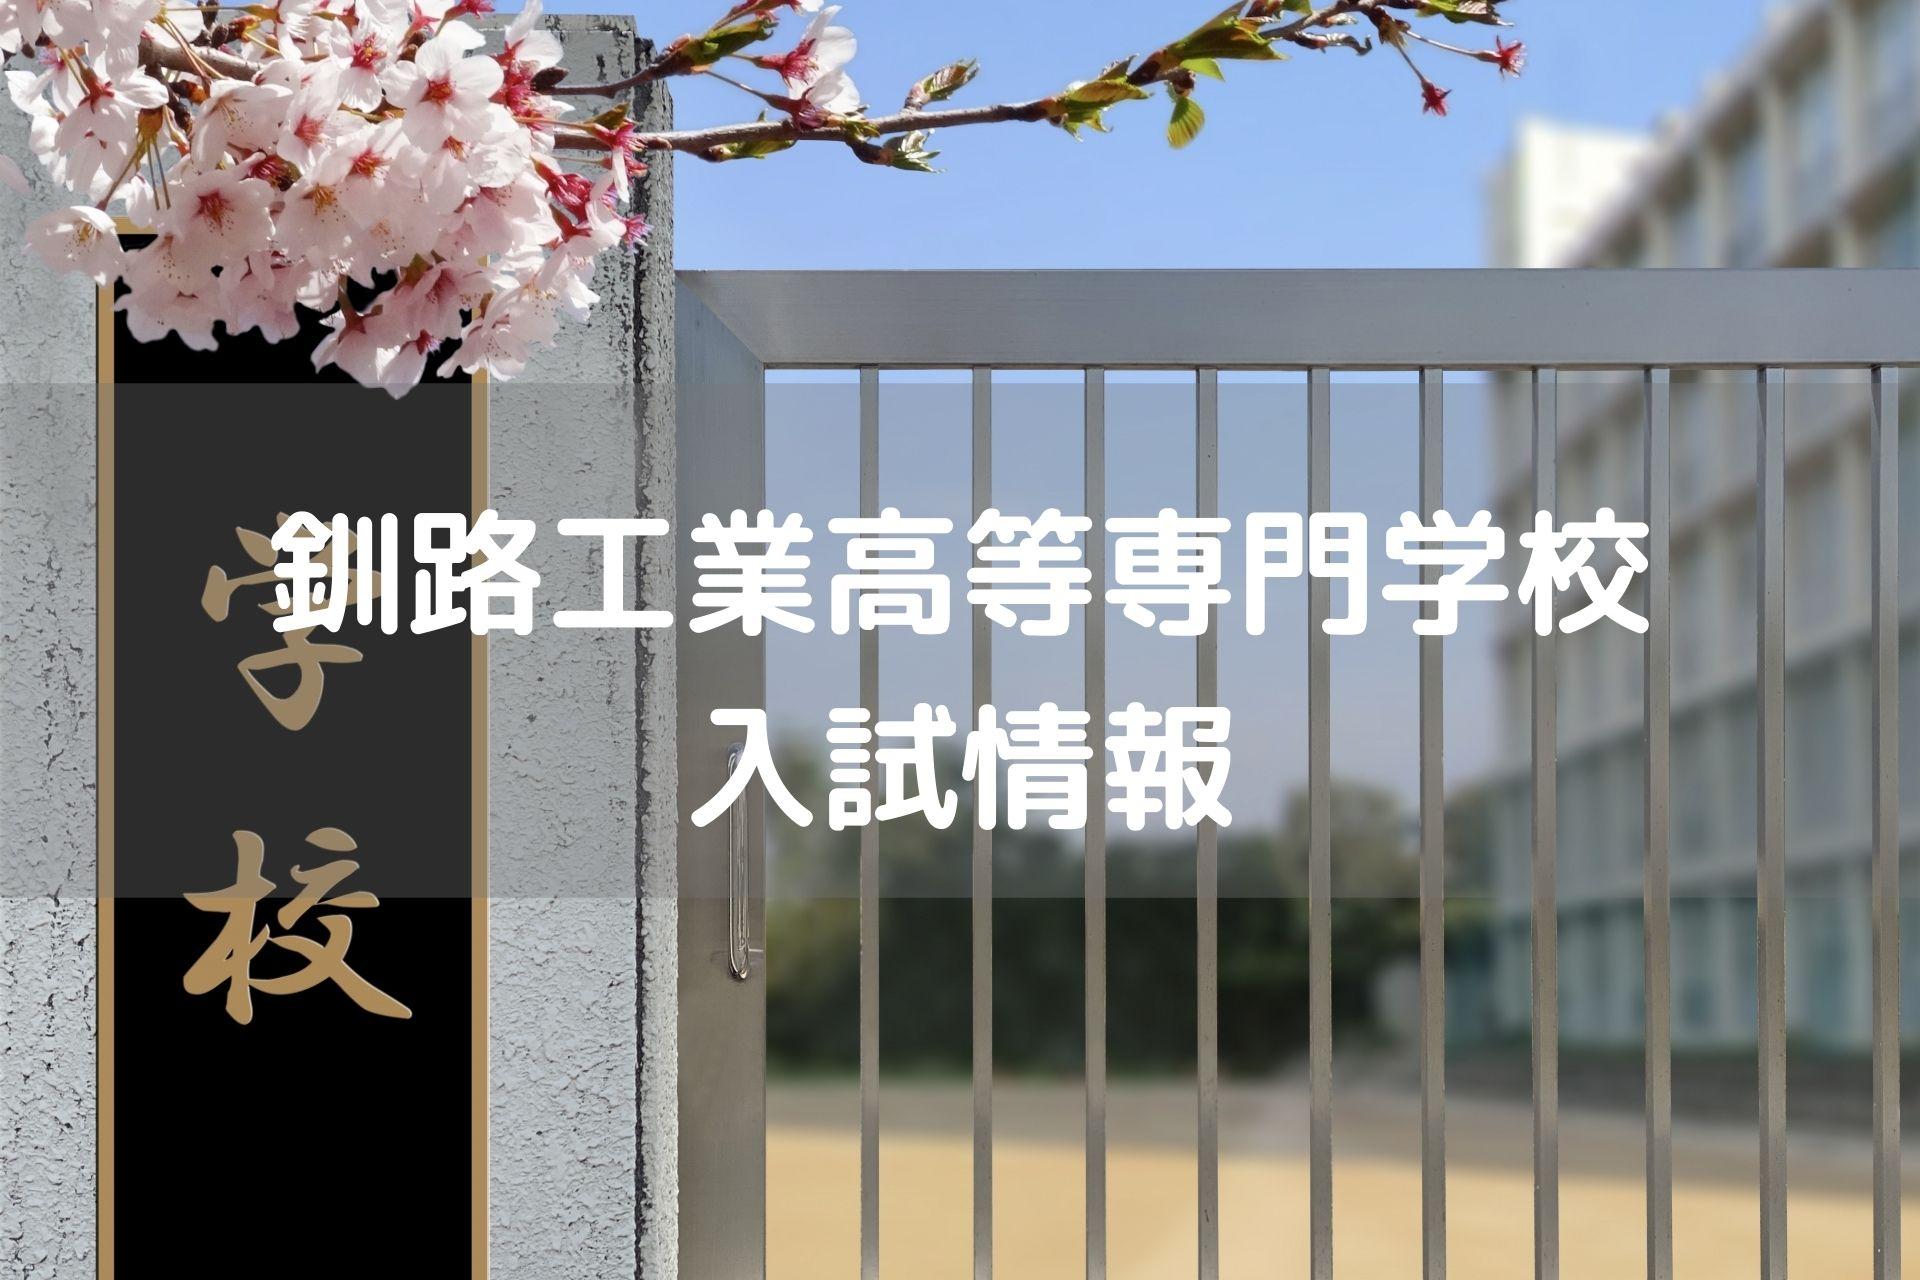 釧路高専の入試情報